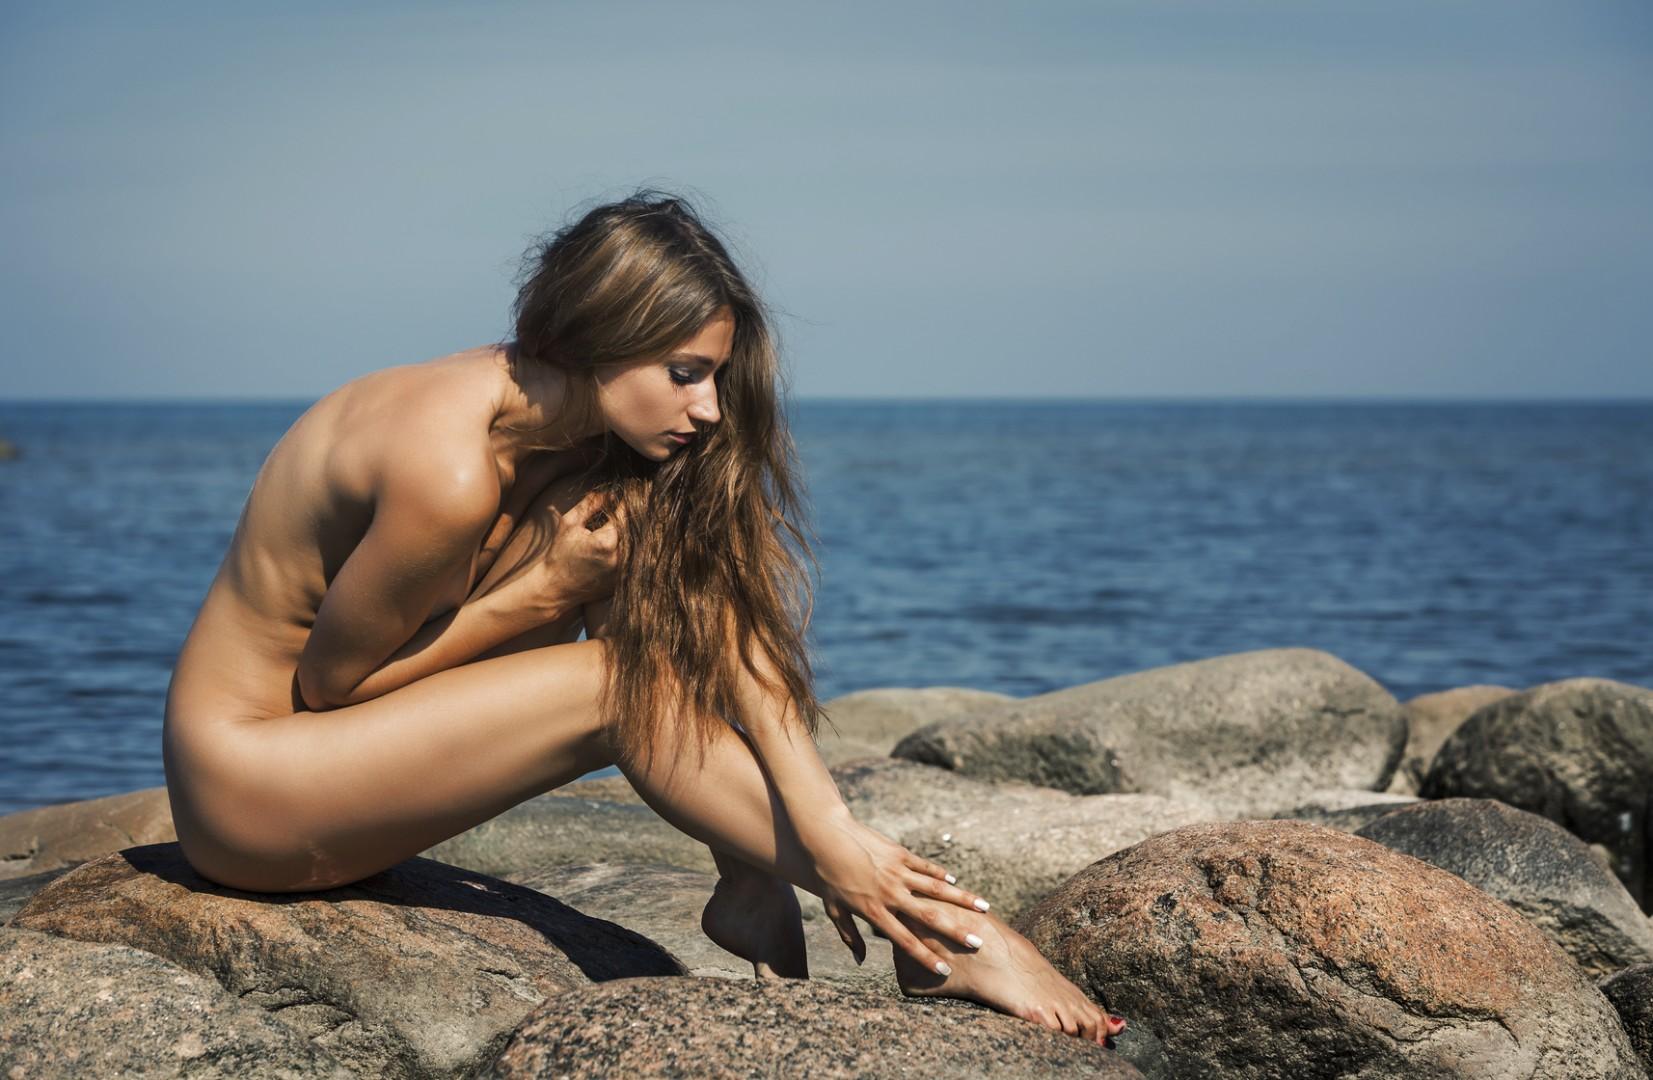 spiaggia nudisti e video porno di spiaggia nudisti gratis